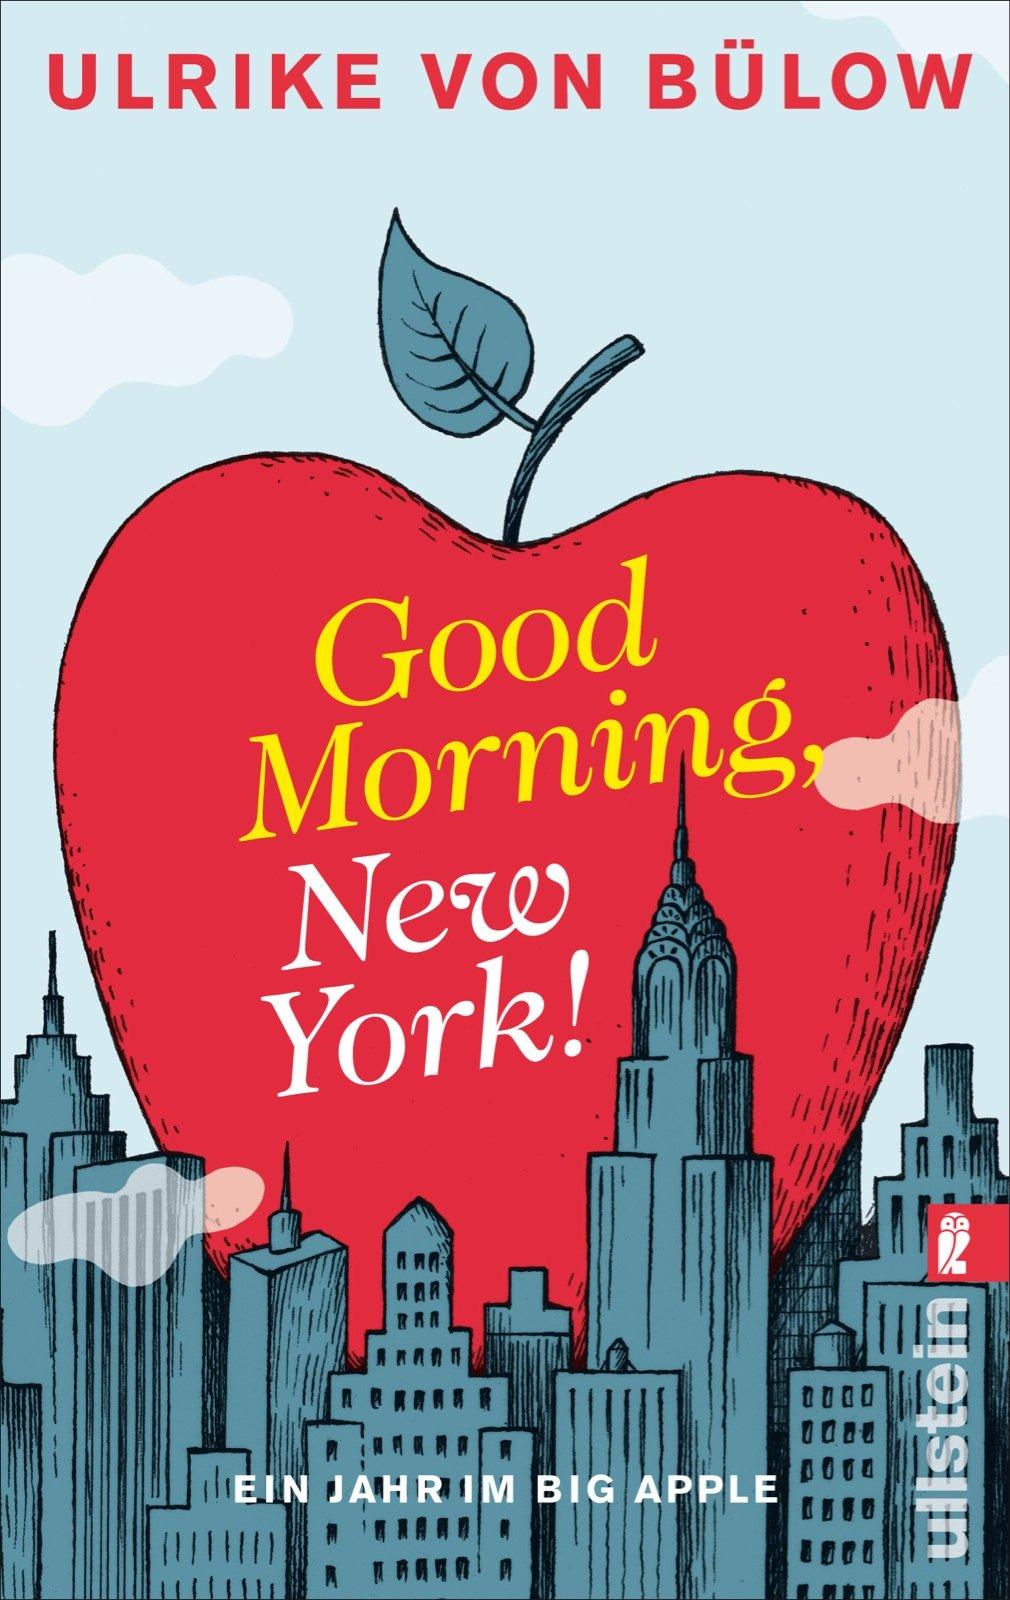 Good morning, New York!: Ein Jahr im Big Apple Taschenbuch – 4. Januar 2014 Ulrike von Bülow Ullstein Taschenbuch 3548374883 New York City